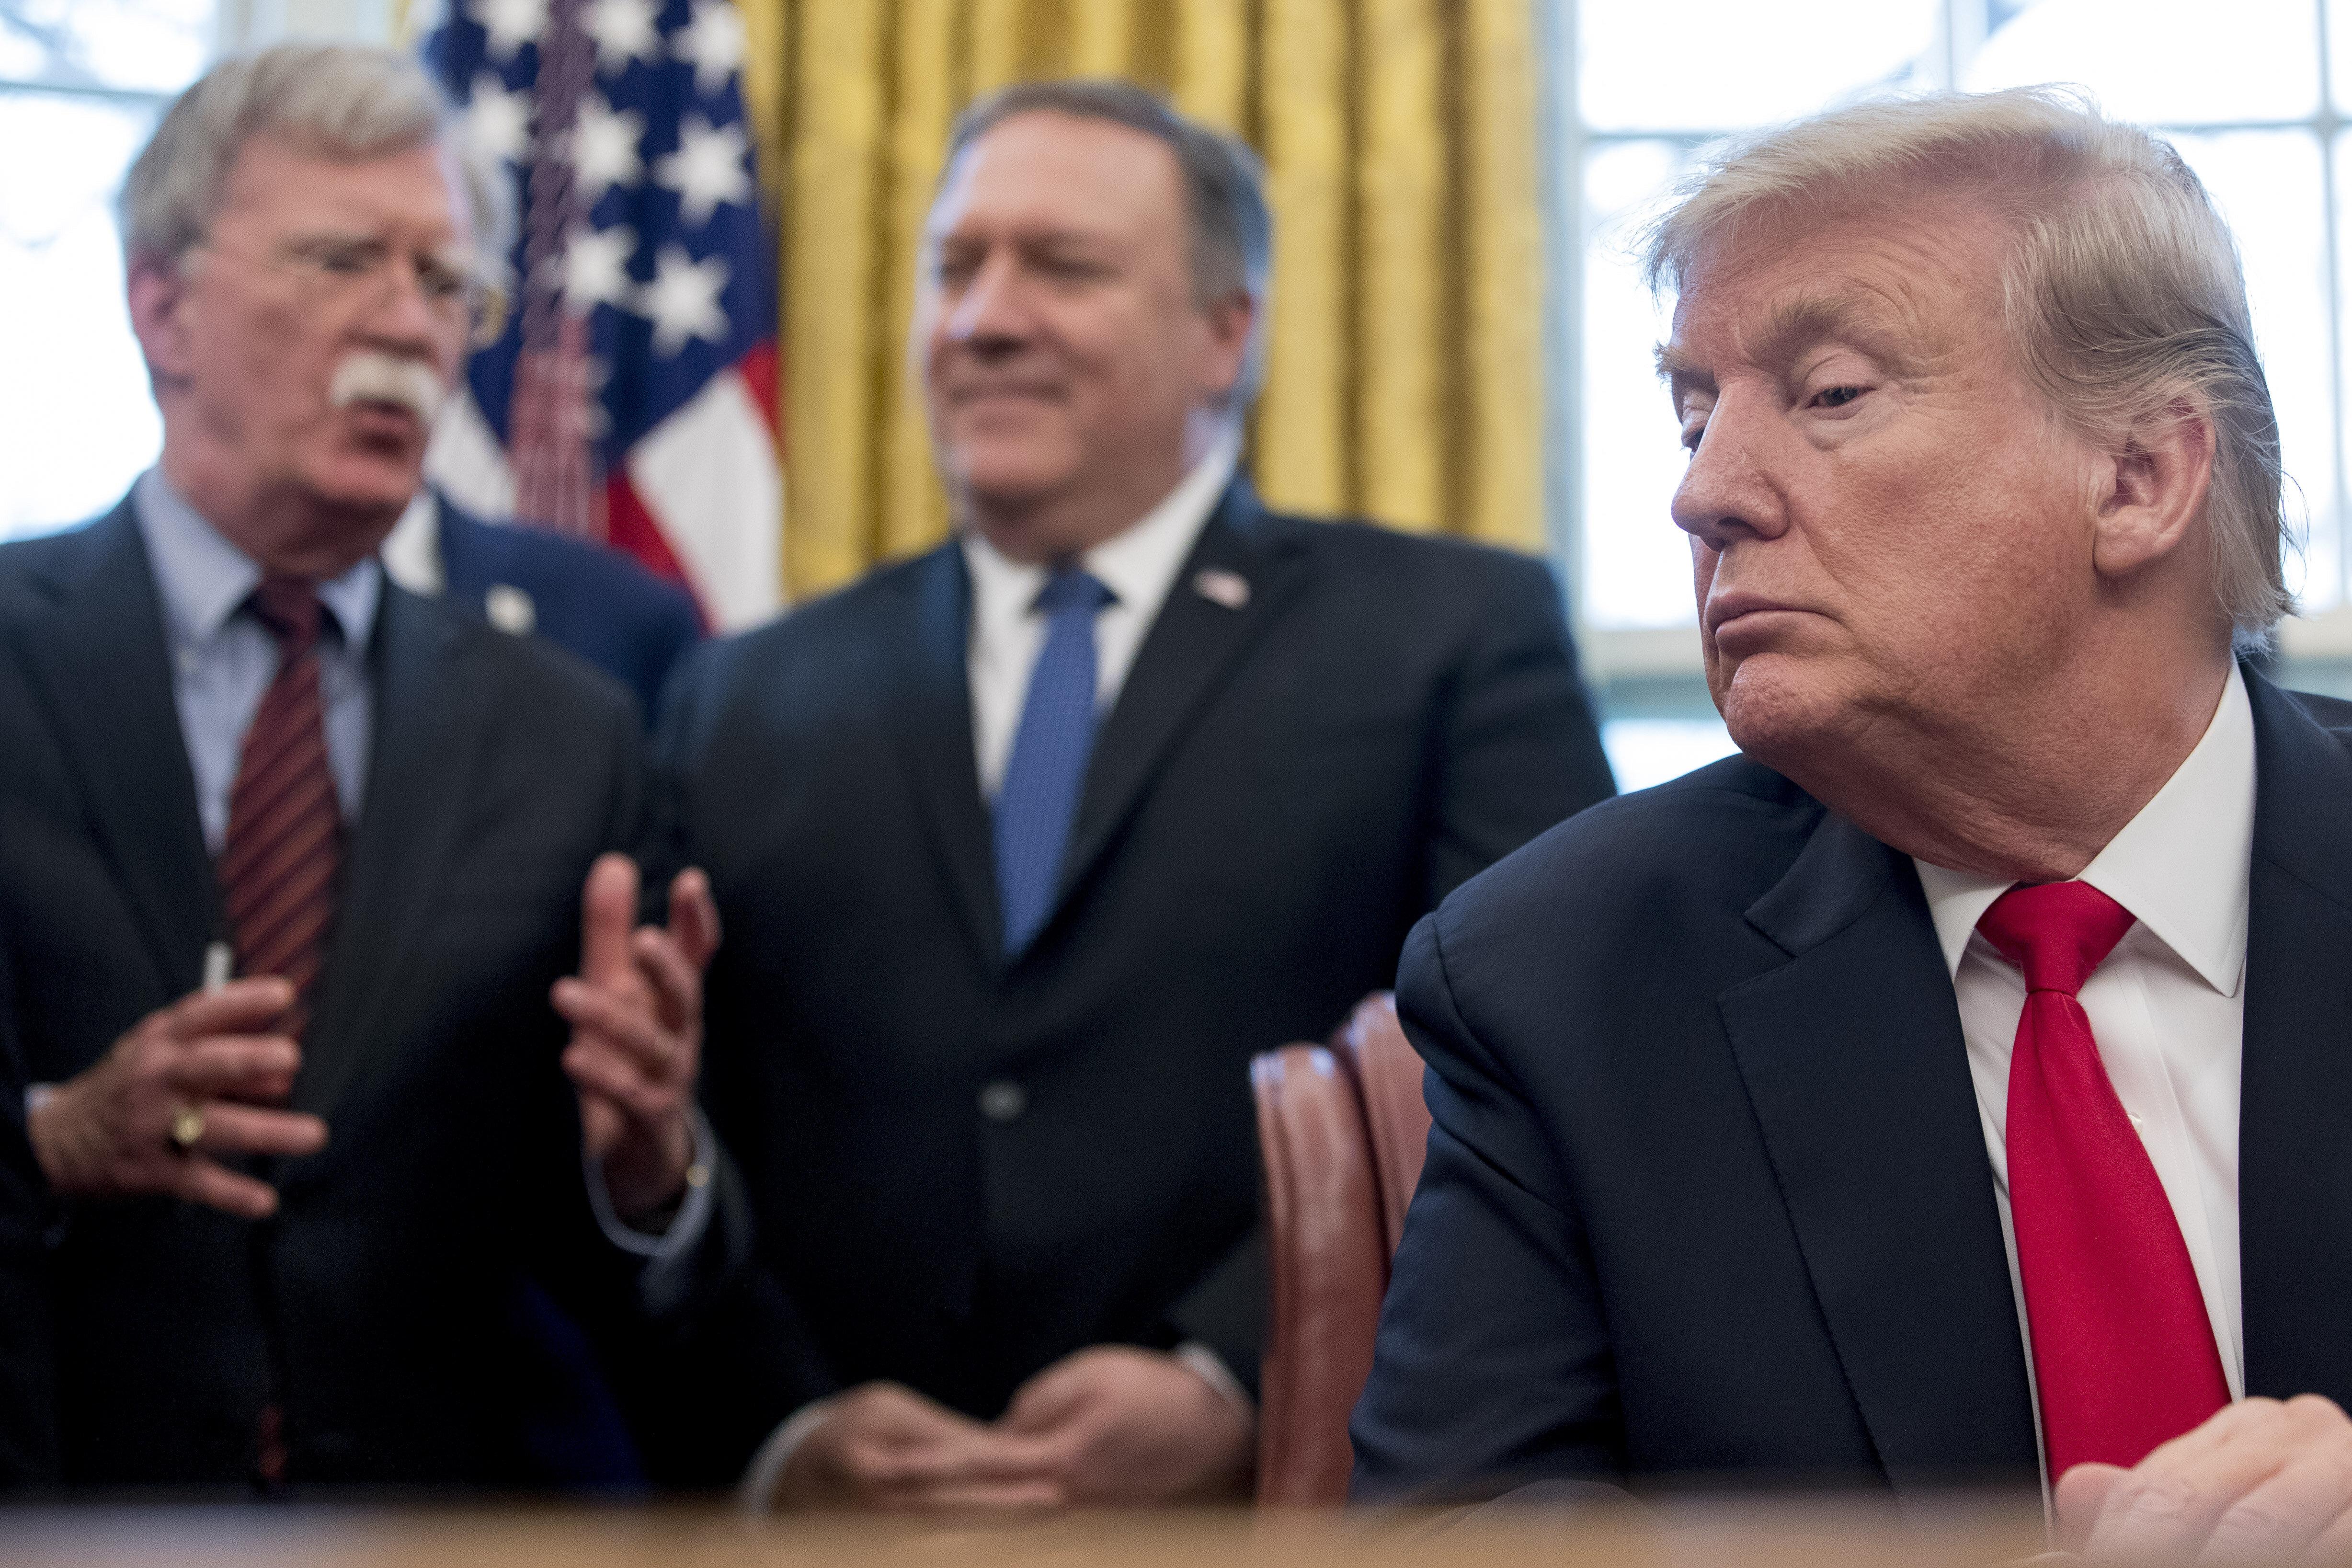 트럼프 정부는 왜 이란을 못 잡아먹어서 안달인가? : 5가지